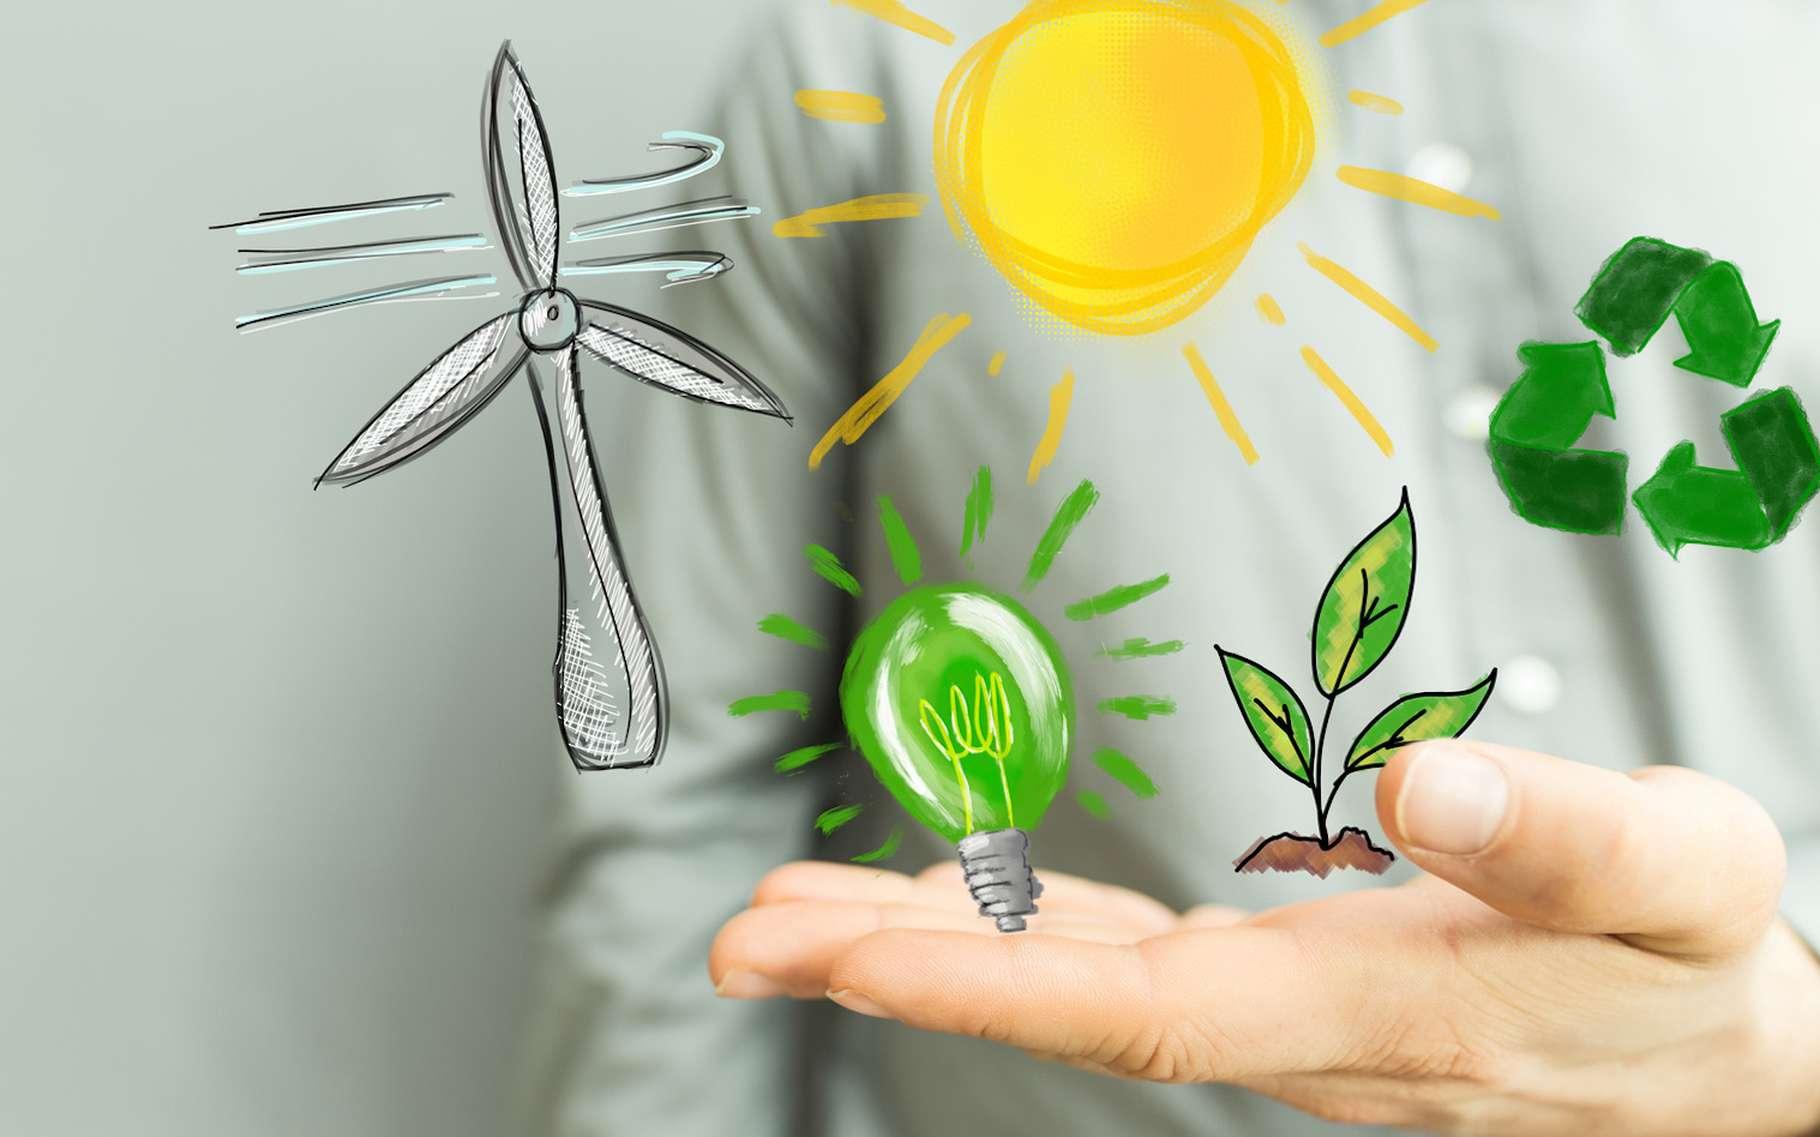 Si le gaz naturel ne peut pas être qualifié d'énergie verte, le biogaz, quant à lui, entre tout à fait dans cette catégorie. © vege, Fotolia